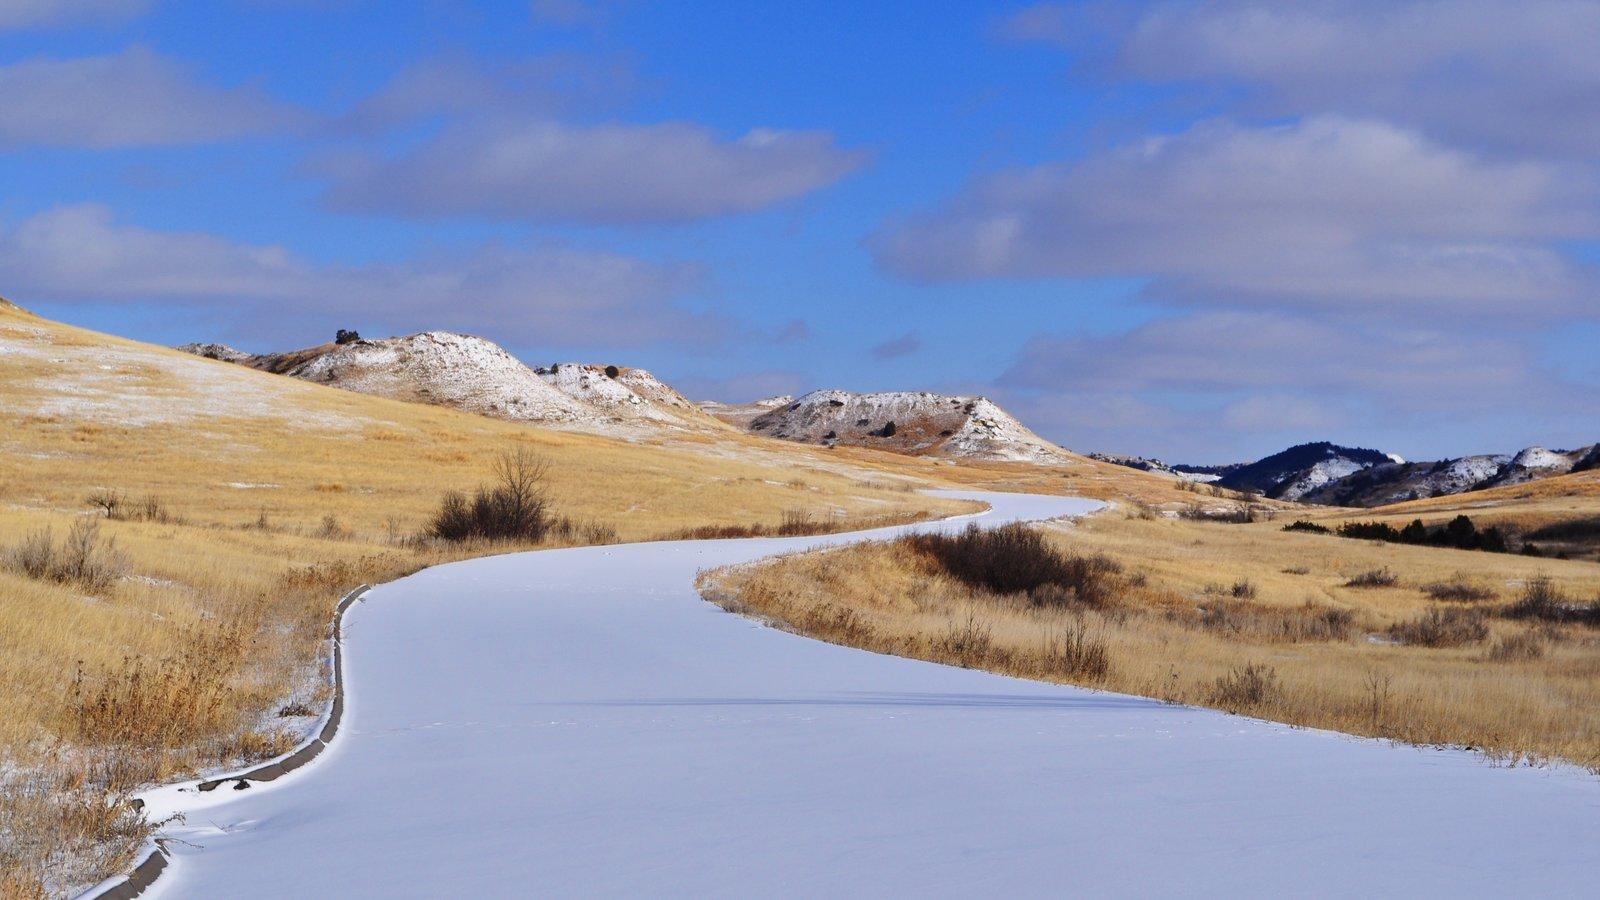 Parque Nacional de Theodore Roosevelt mostrando paisagem e cenas tranquilas